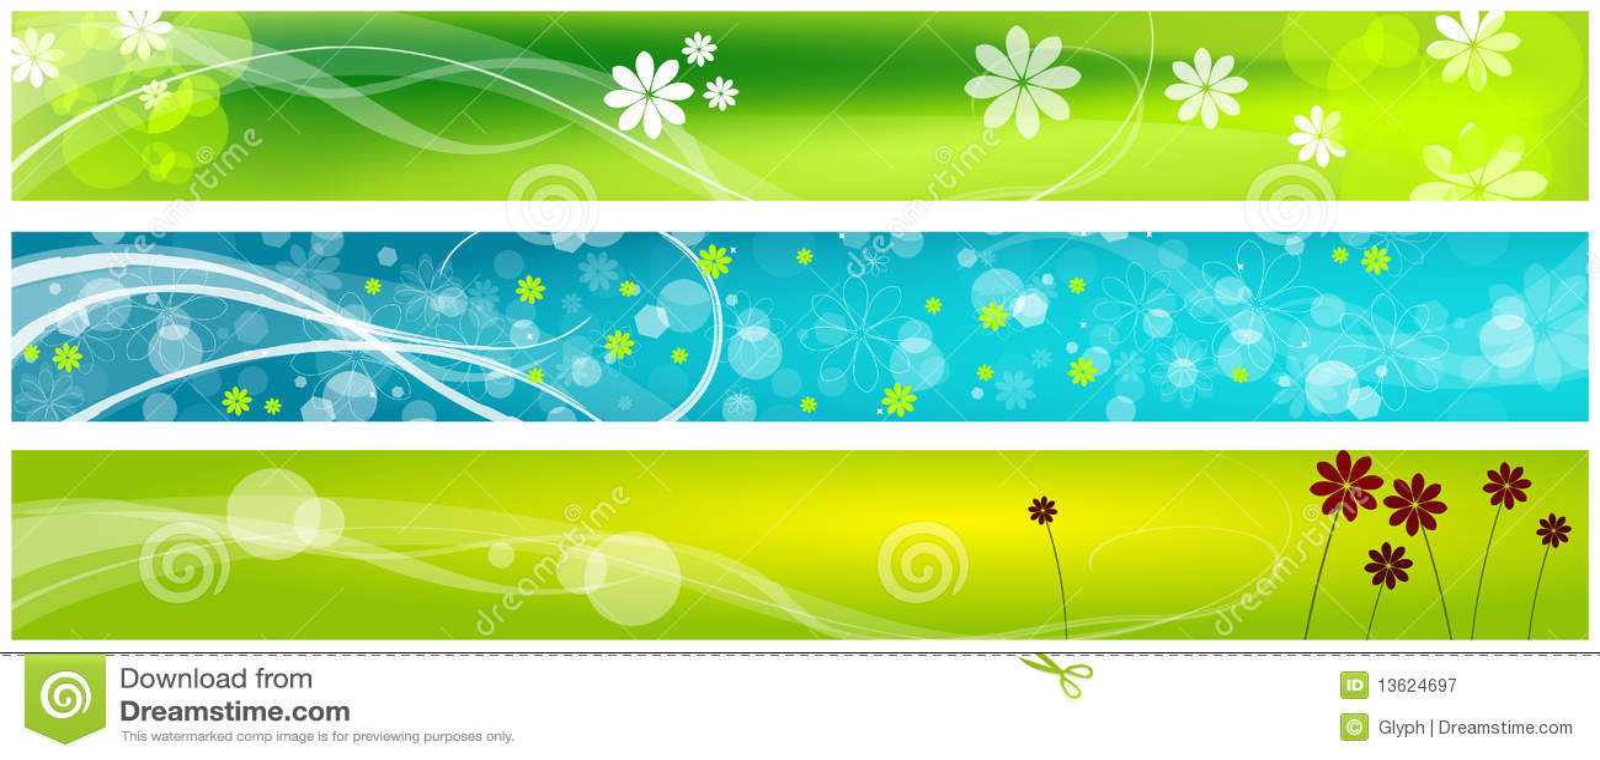 wallpaper m4 aqua